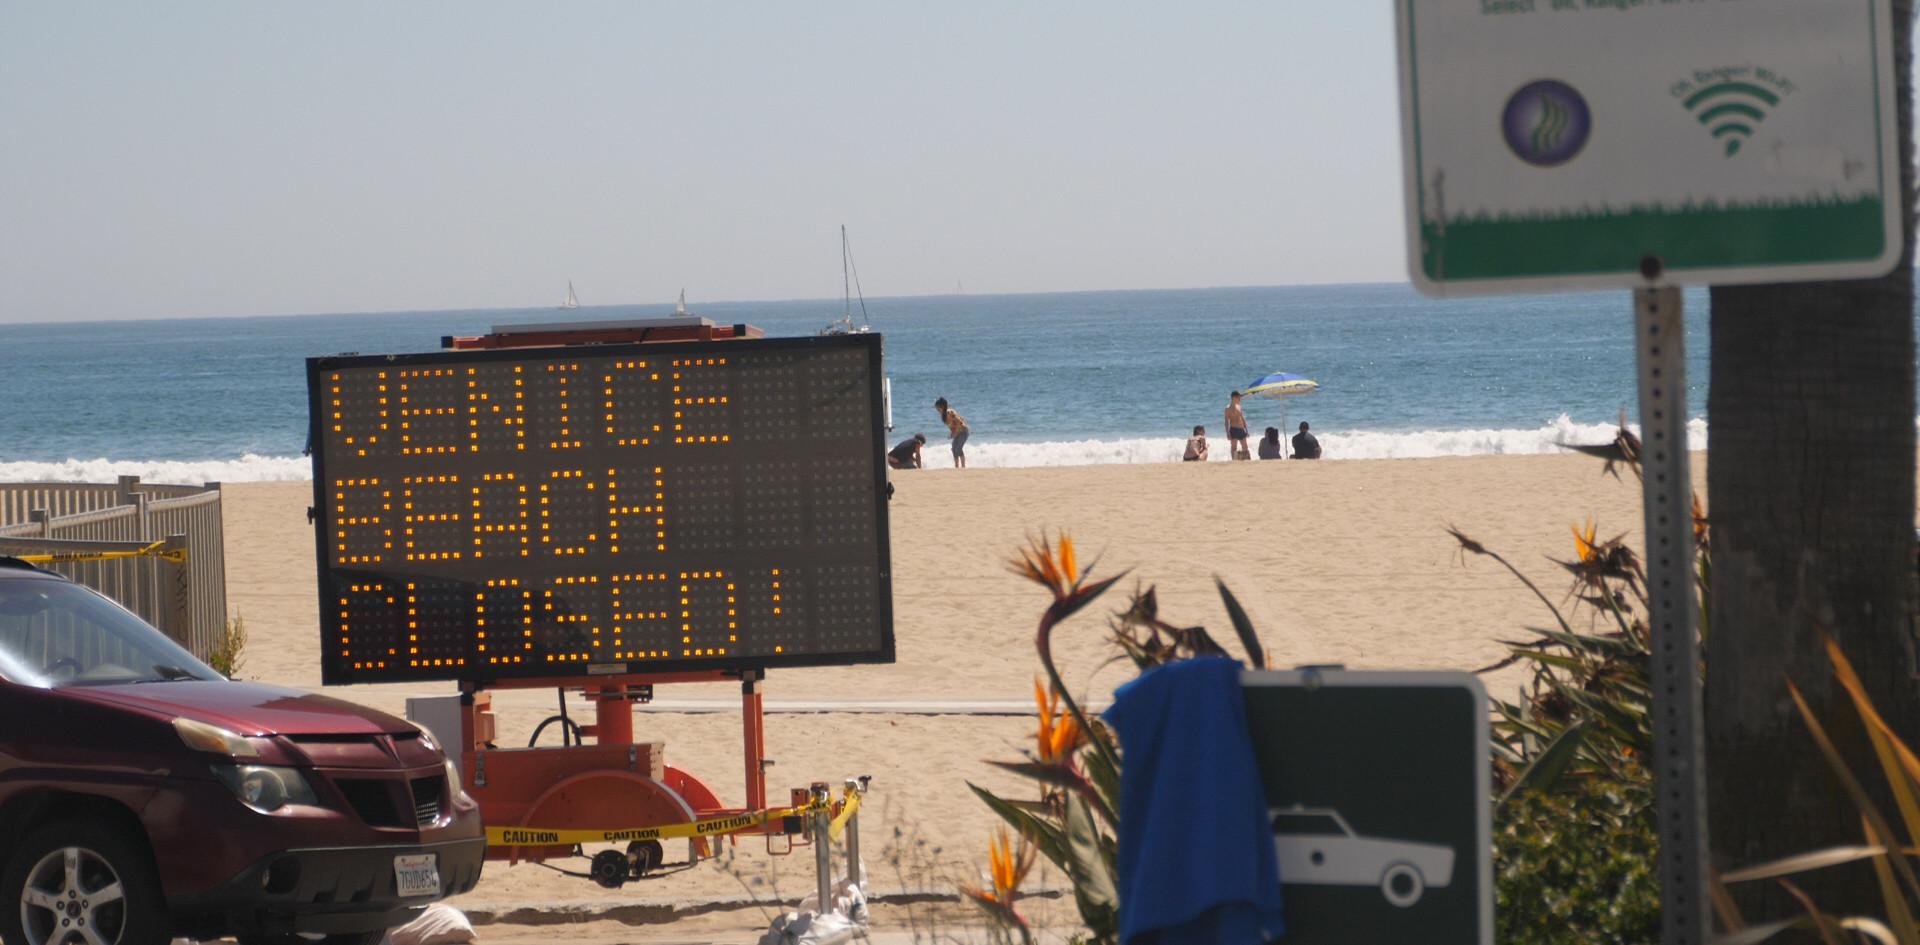 10_CALIFORNIA.00_33_25_04.Still010.jpg